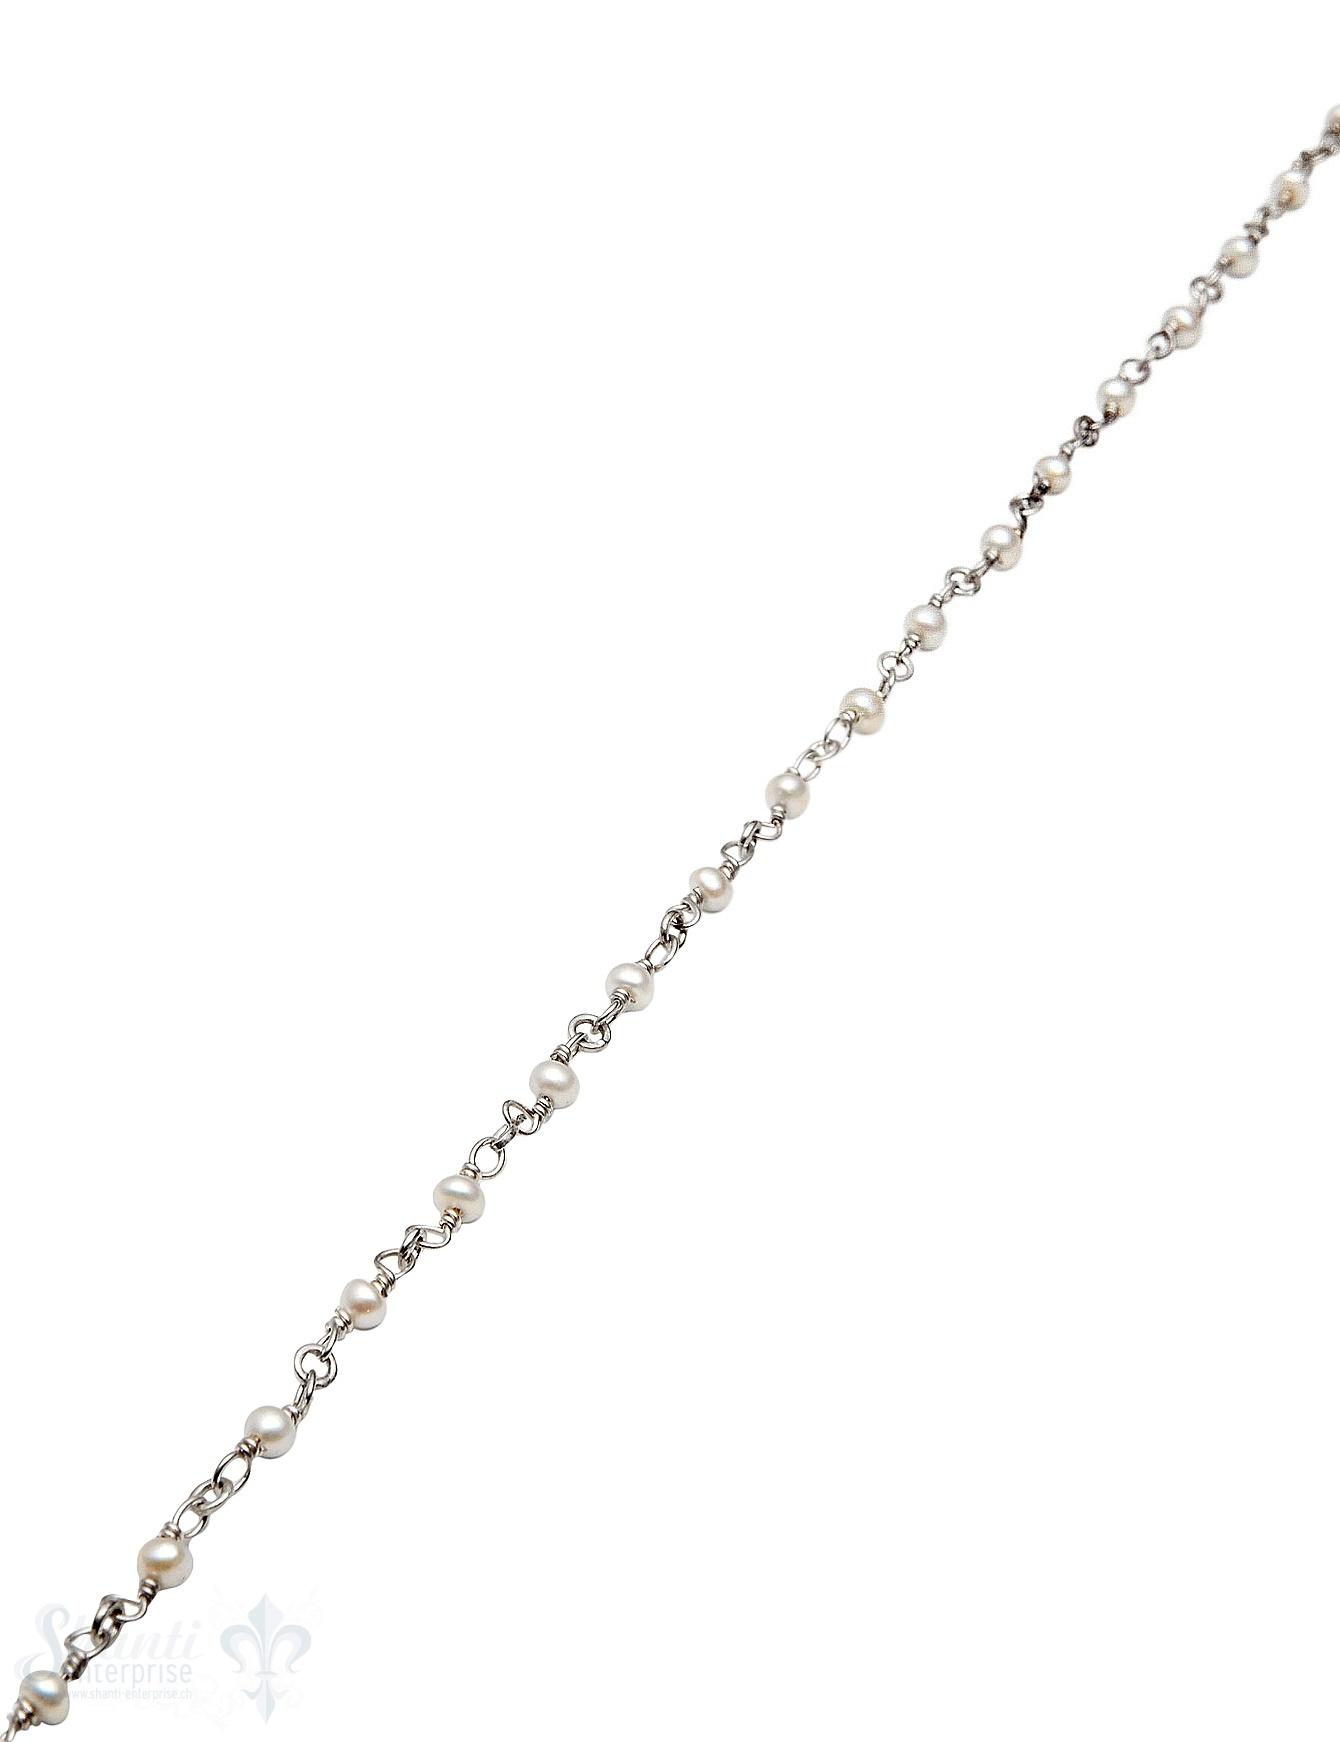 Rosenkranzkette Perlen weiss 3 mm Buttons poliert